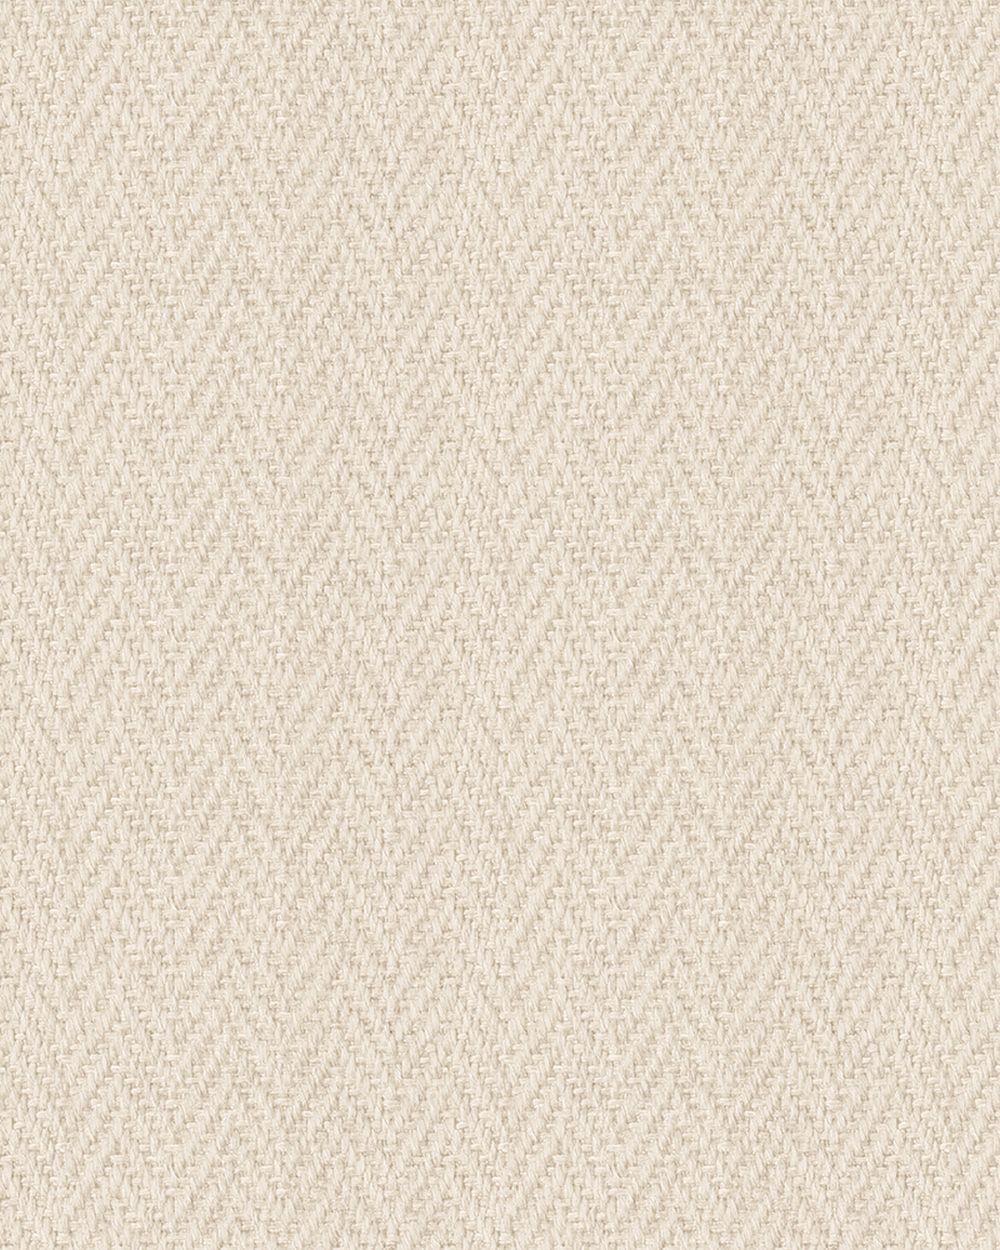 tapete vlies geflecht rattan design beige braun marburg 59305. Black Bedroom Furniture Sets. Home Design Ideas